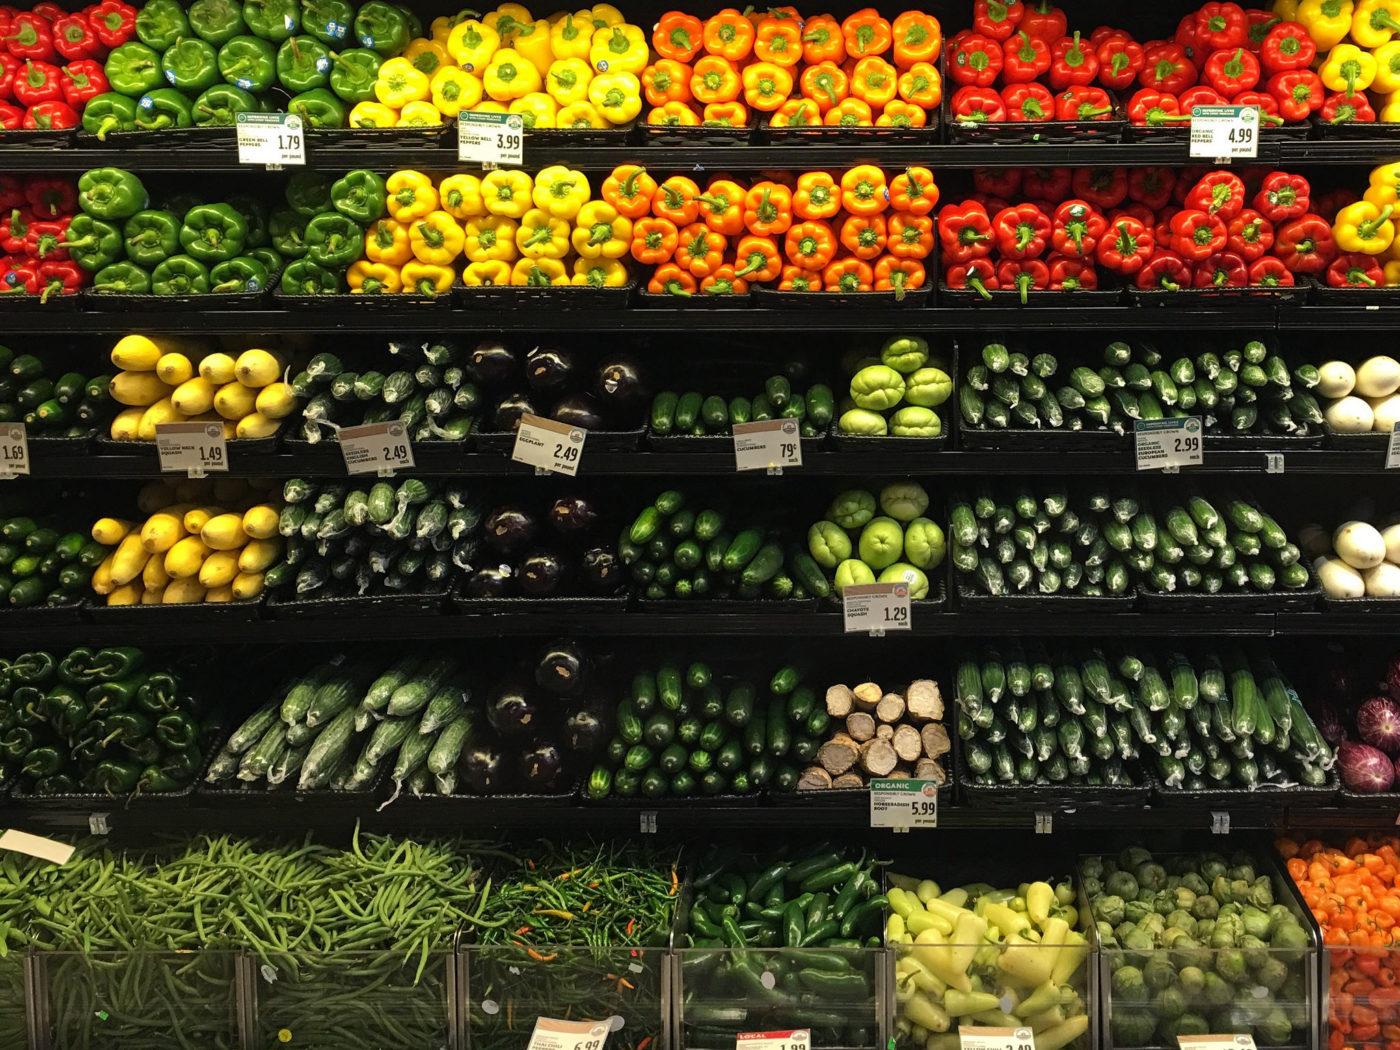 全球氣候不對勁,未來消費者為「吃」恐掏更多錢